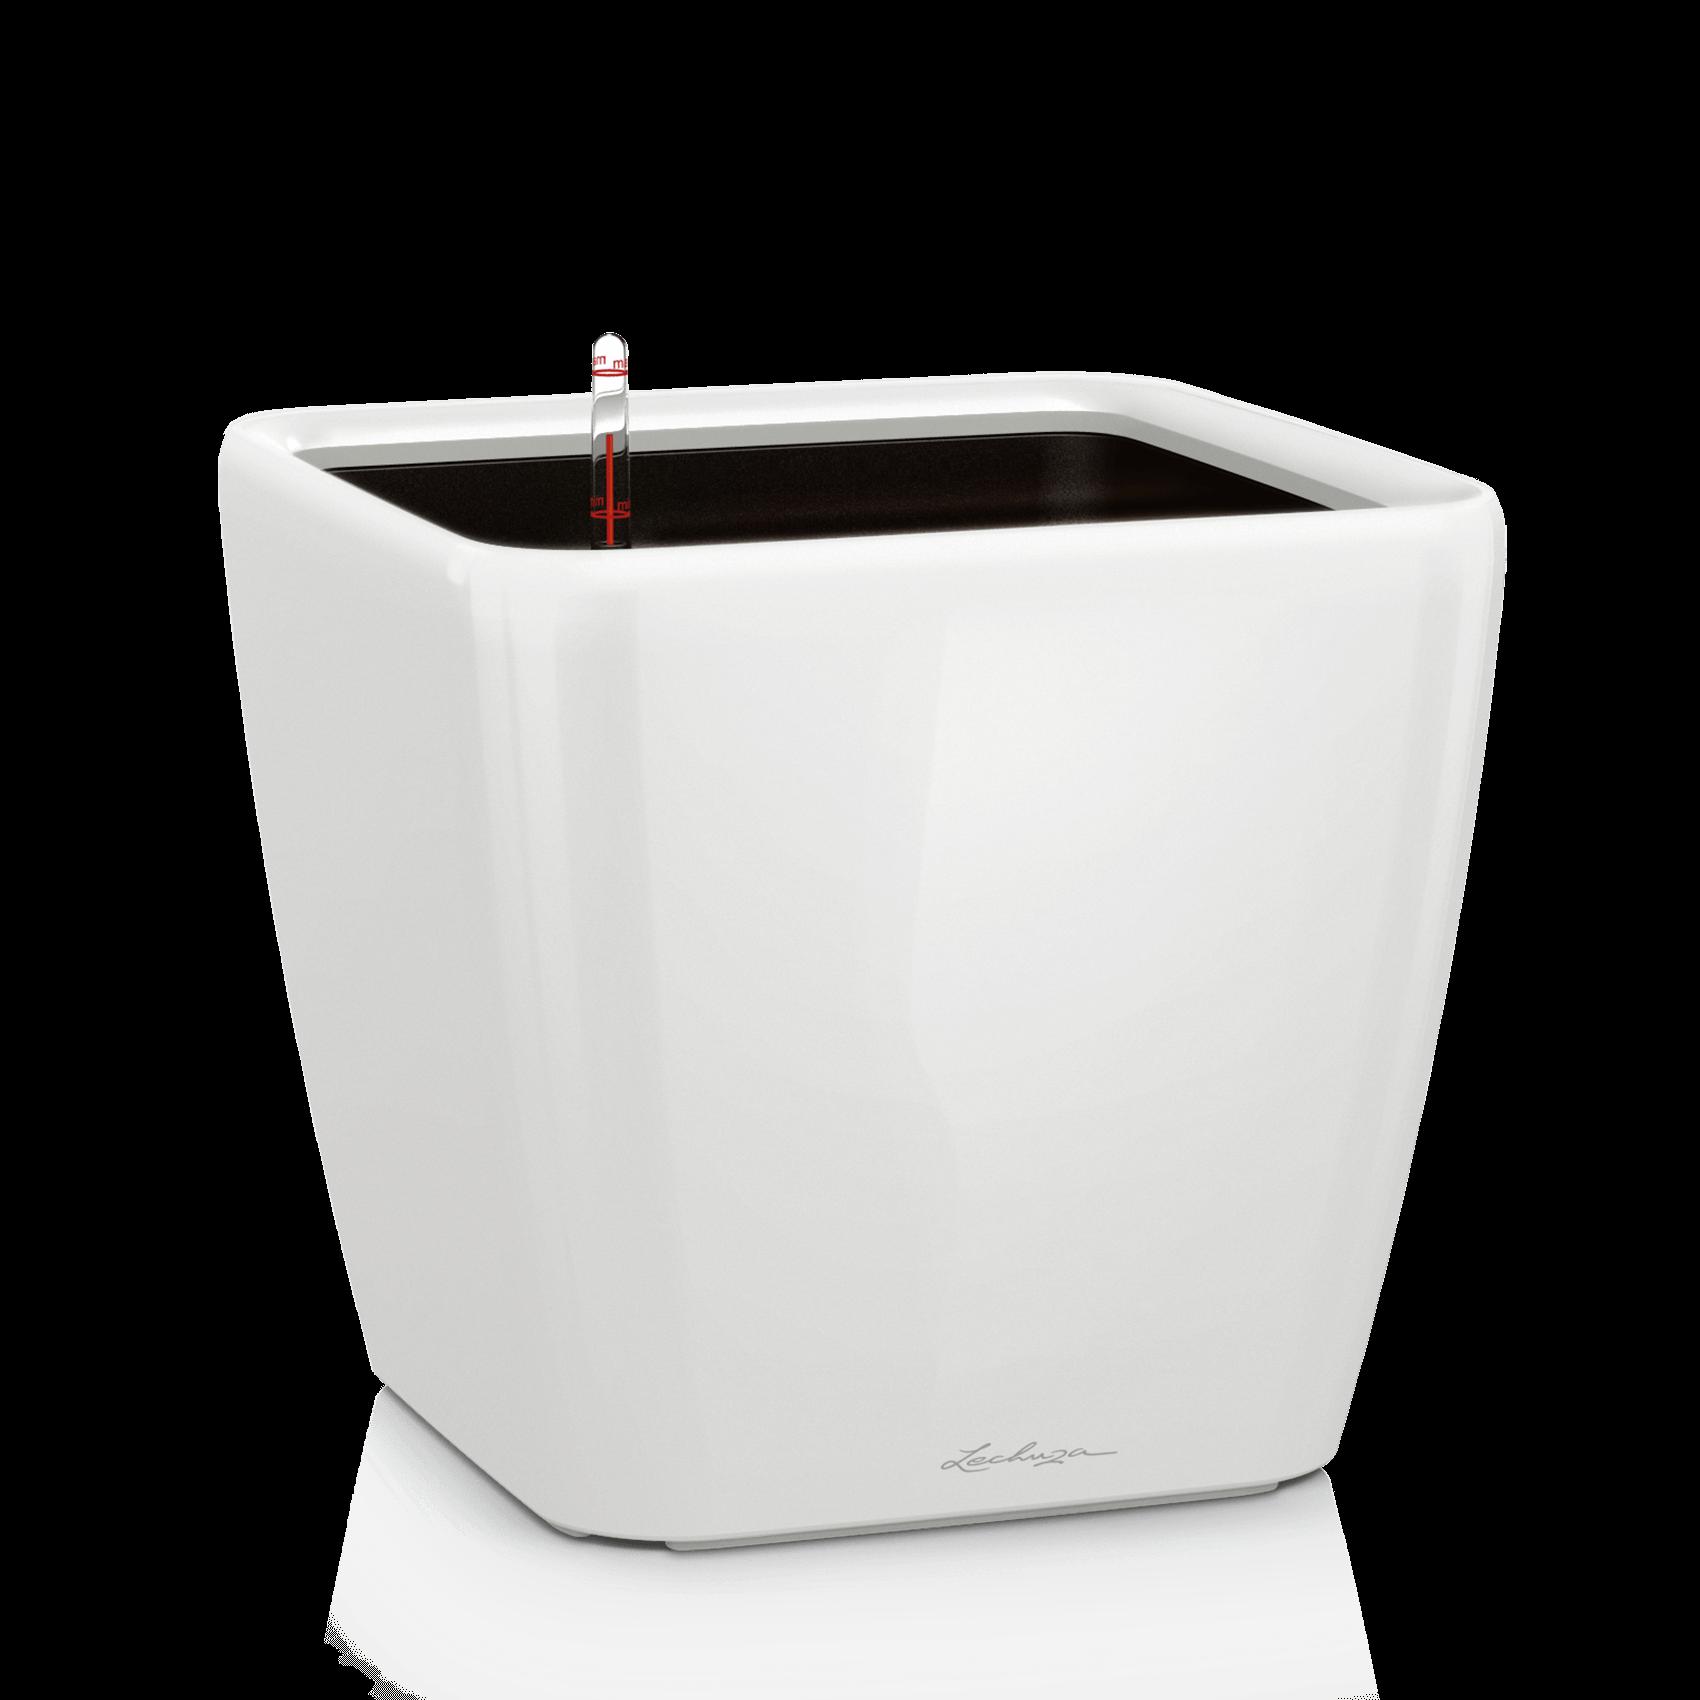 QUADRO LS 50 white high-gloss